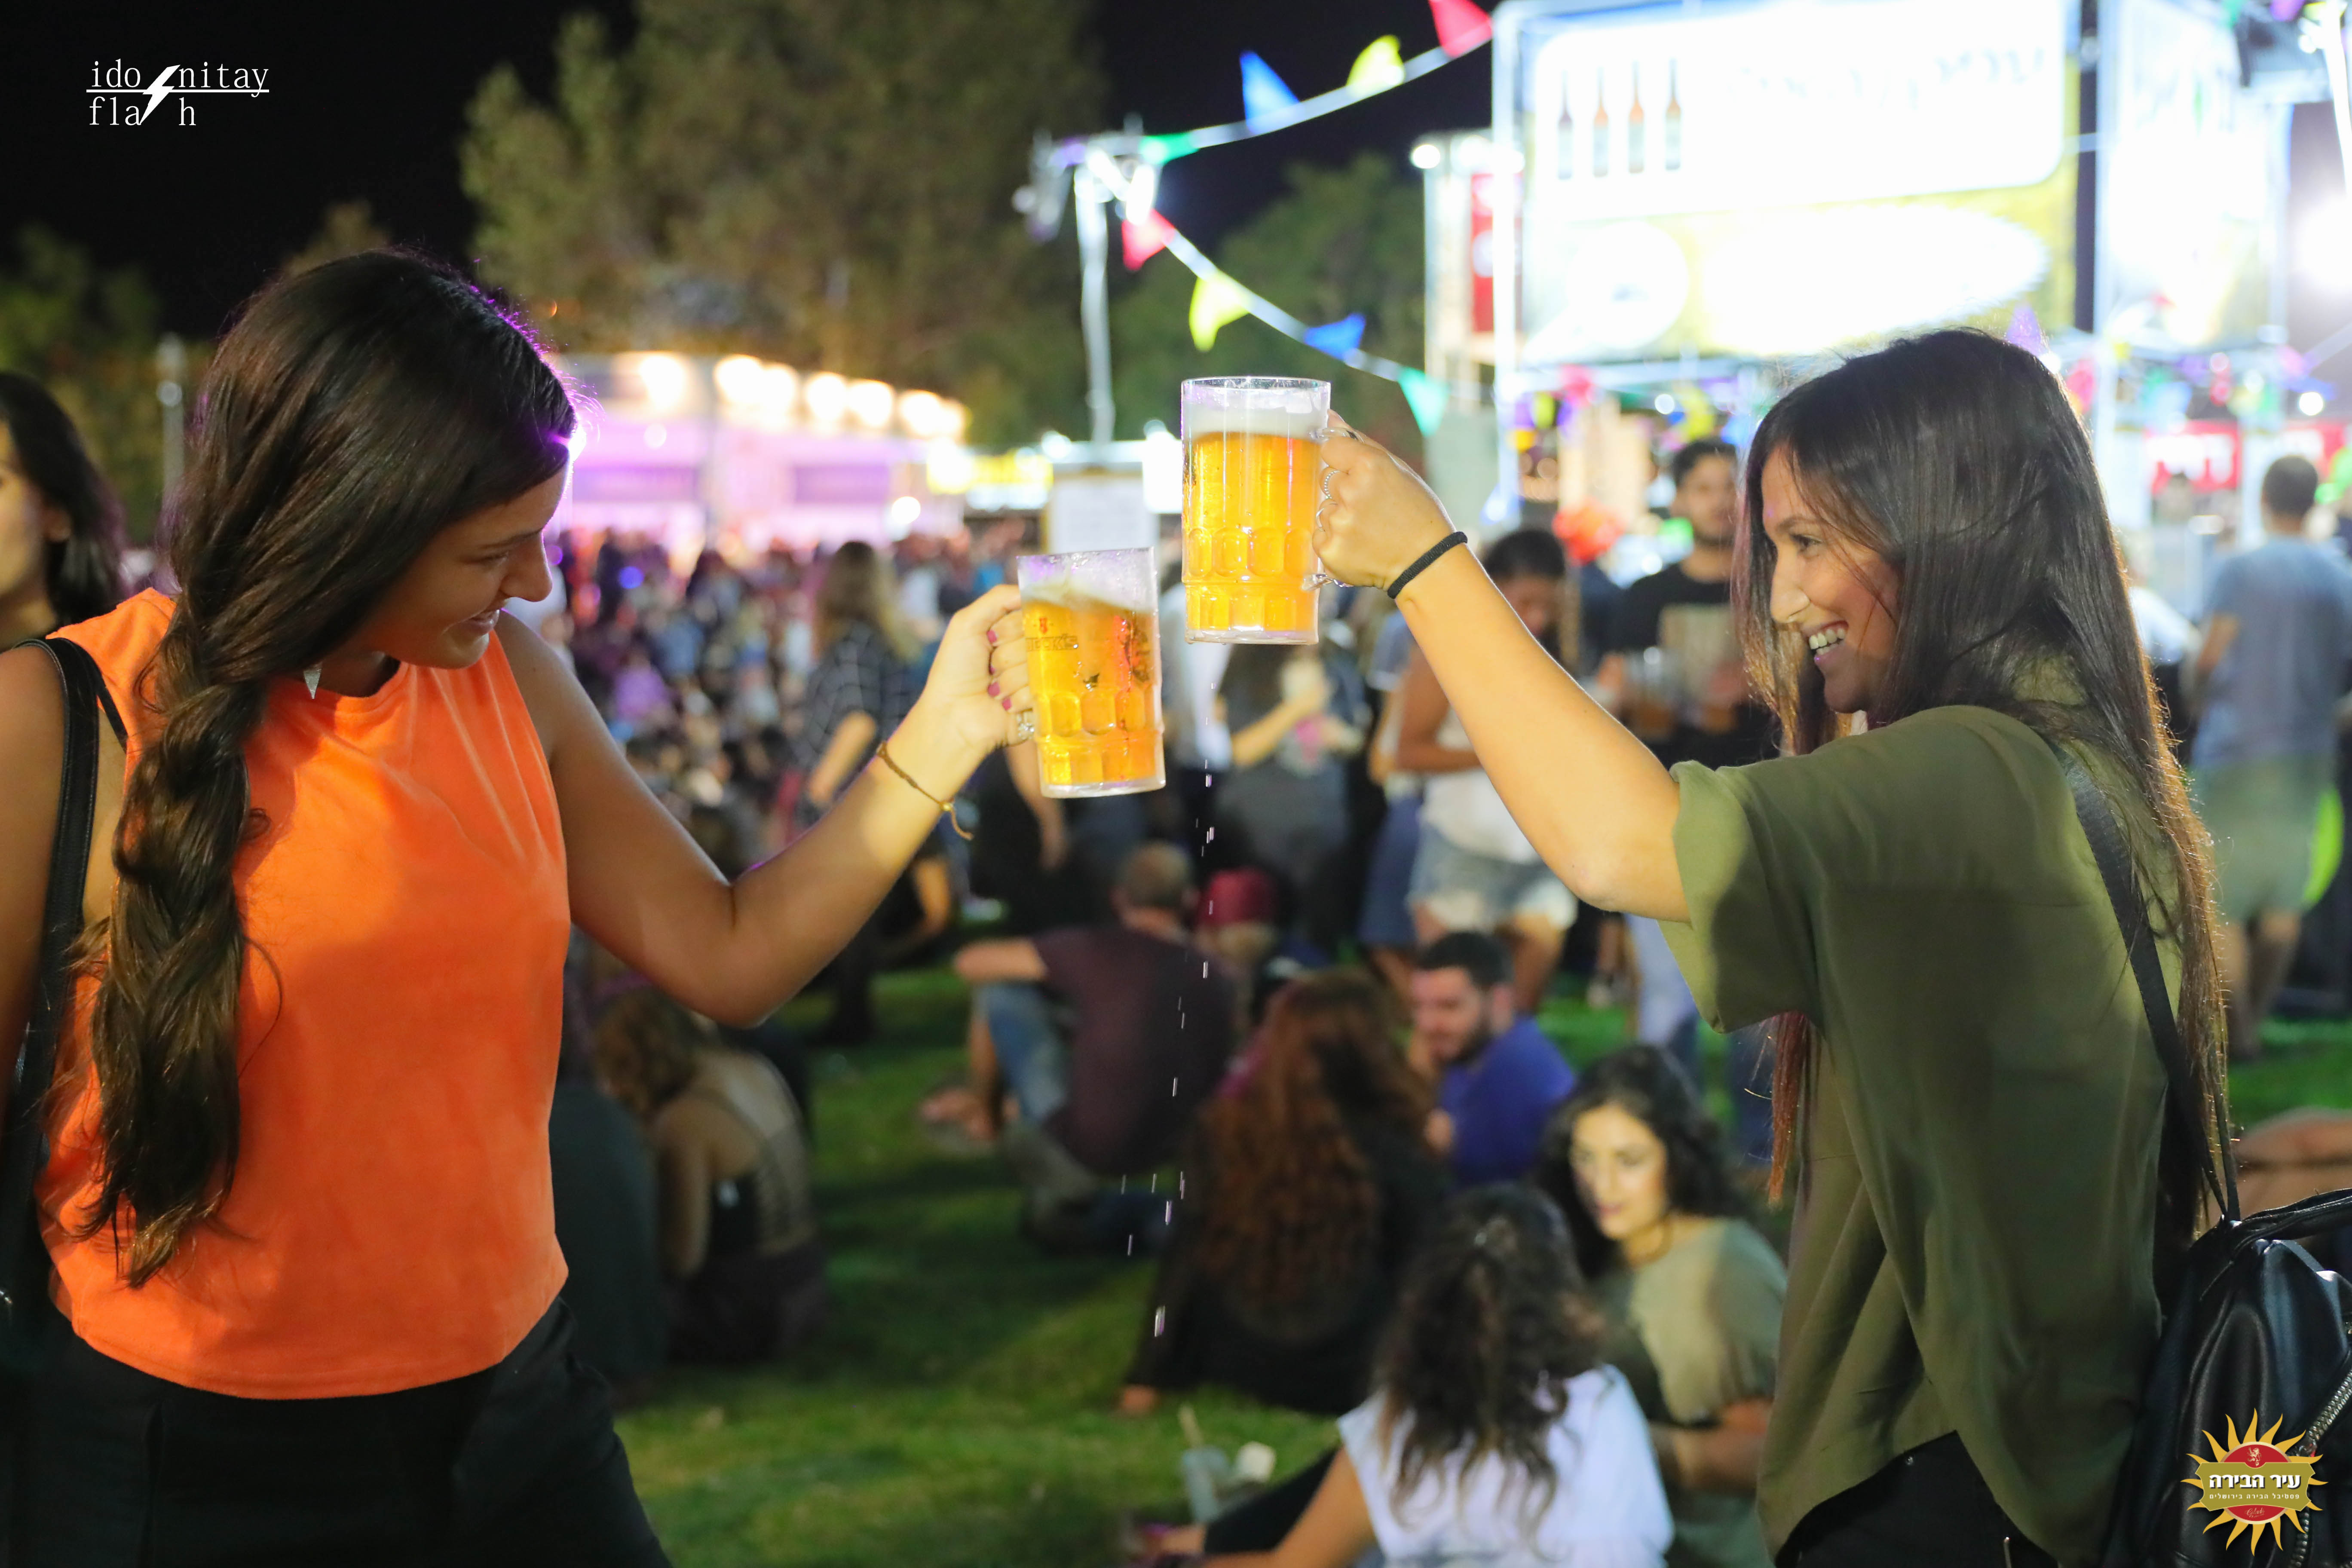 פסטיבל הבירה ירושלים צילום עידו ניתאי (9) (1)